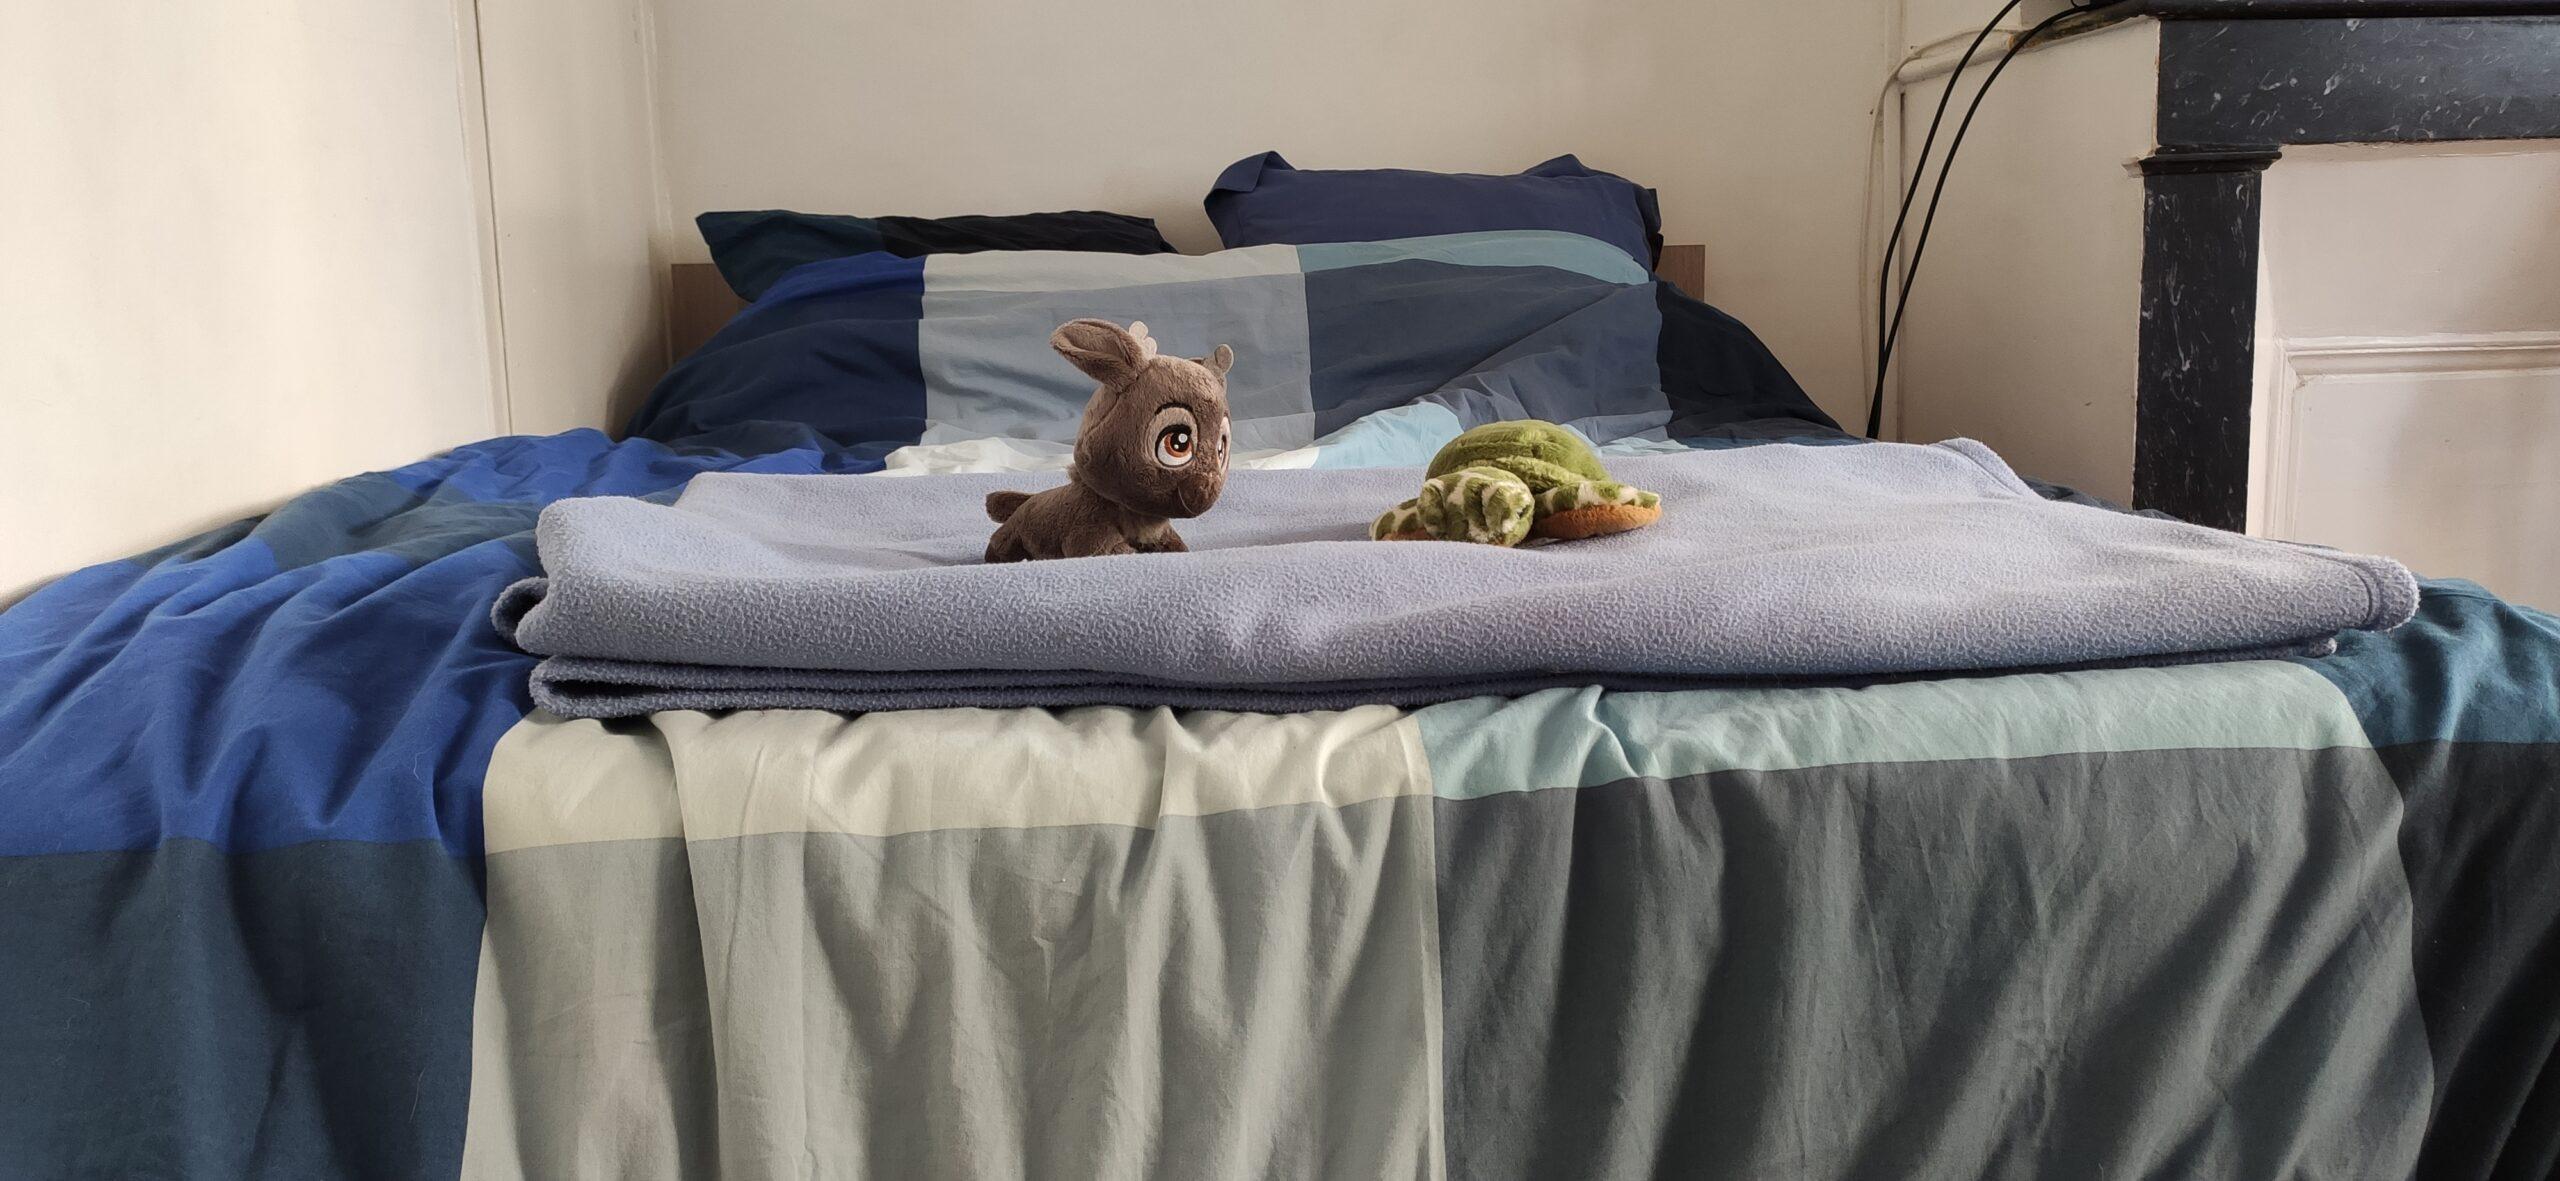 Un grand lit bleu, un plaid bleu. Une peluche de tortue verte et une peluche de bébé renne sont posés sur le lit.